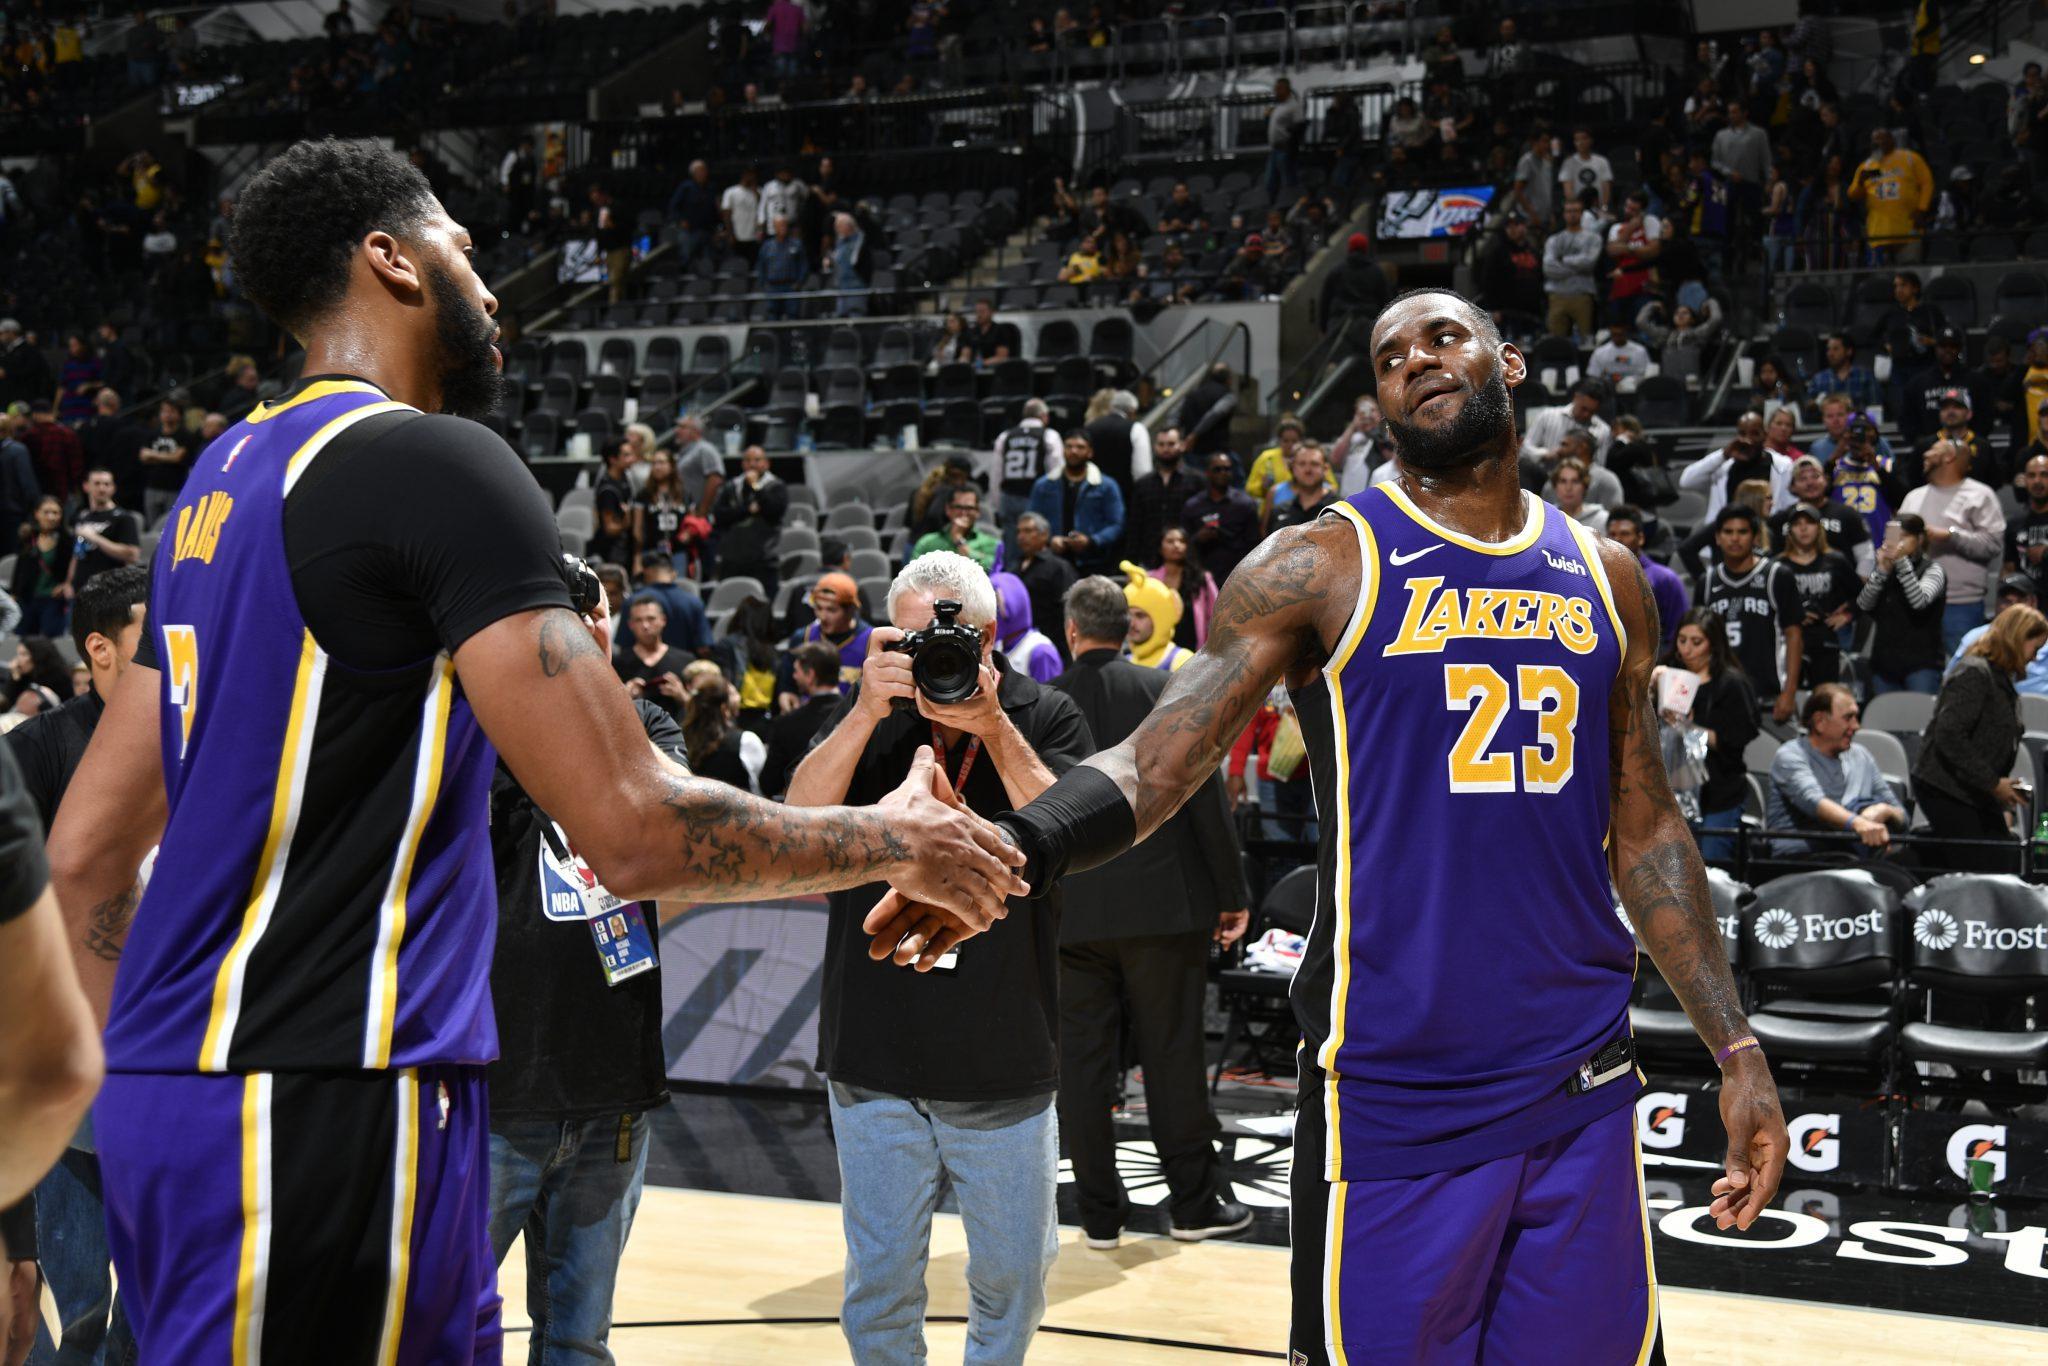 Los Lakers, líderes y con números que no se veían desde hace 6 años. LeBron, otro triple-doble